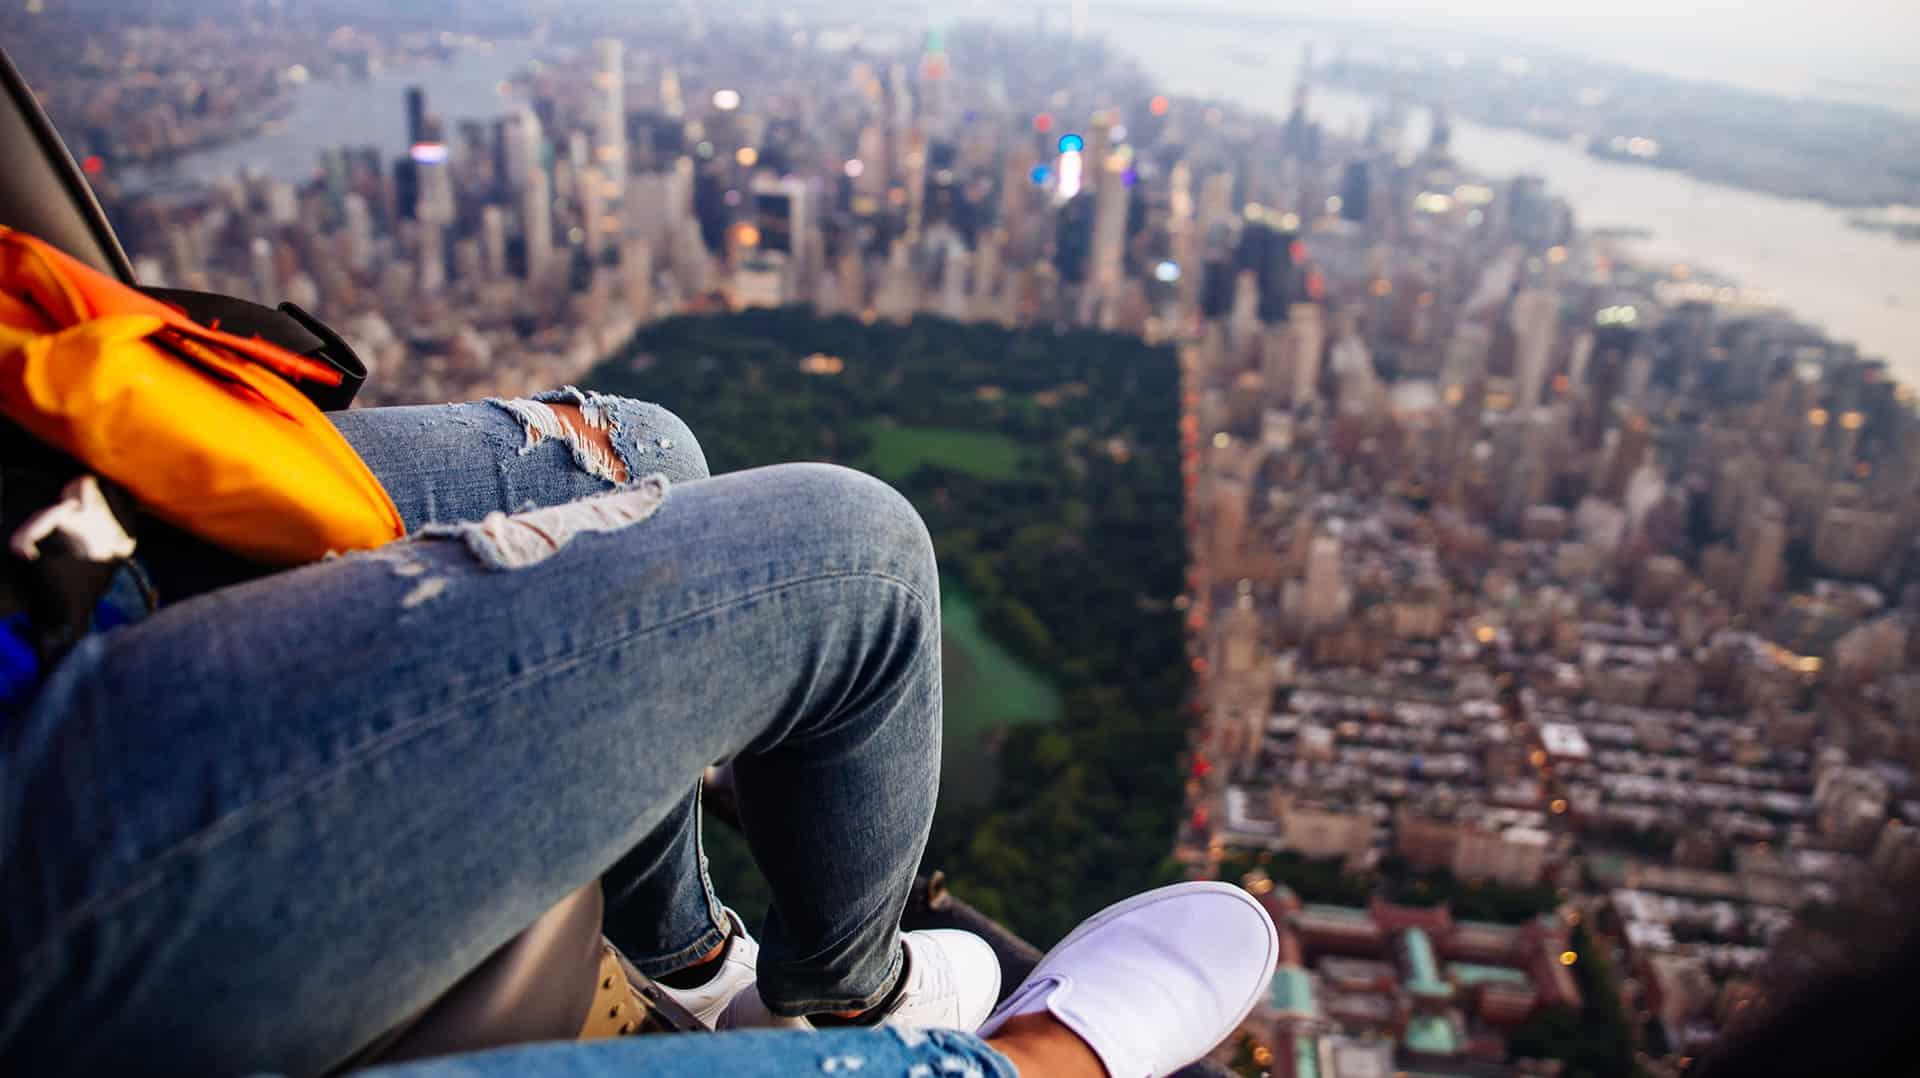 vue aerienne central park new york